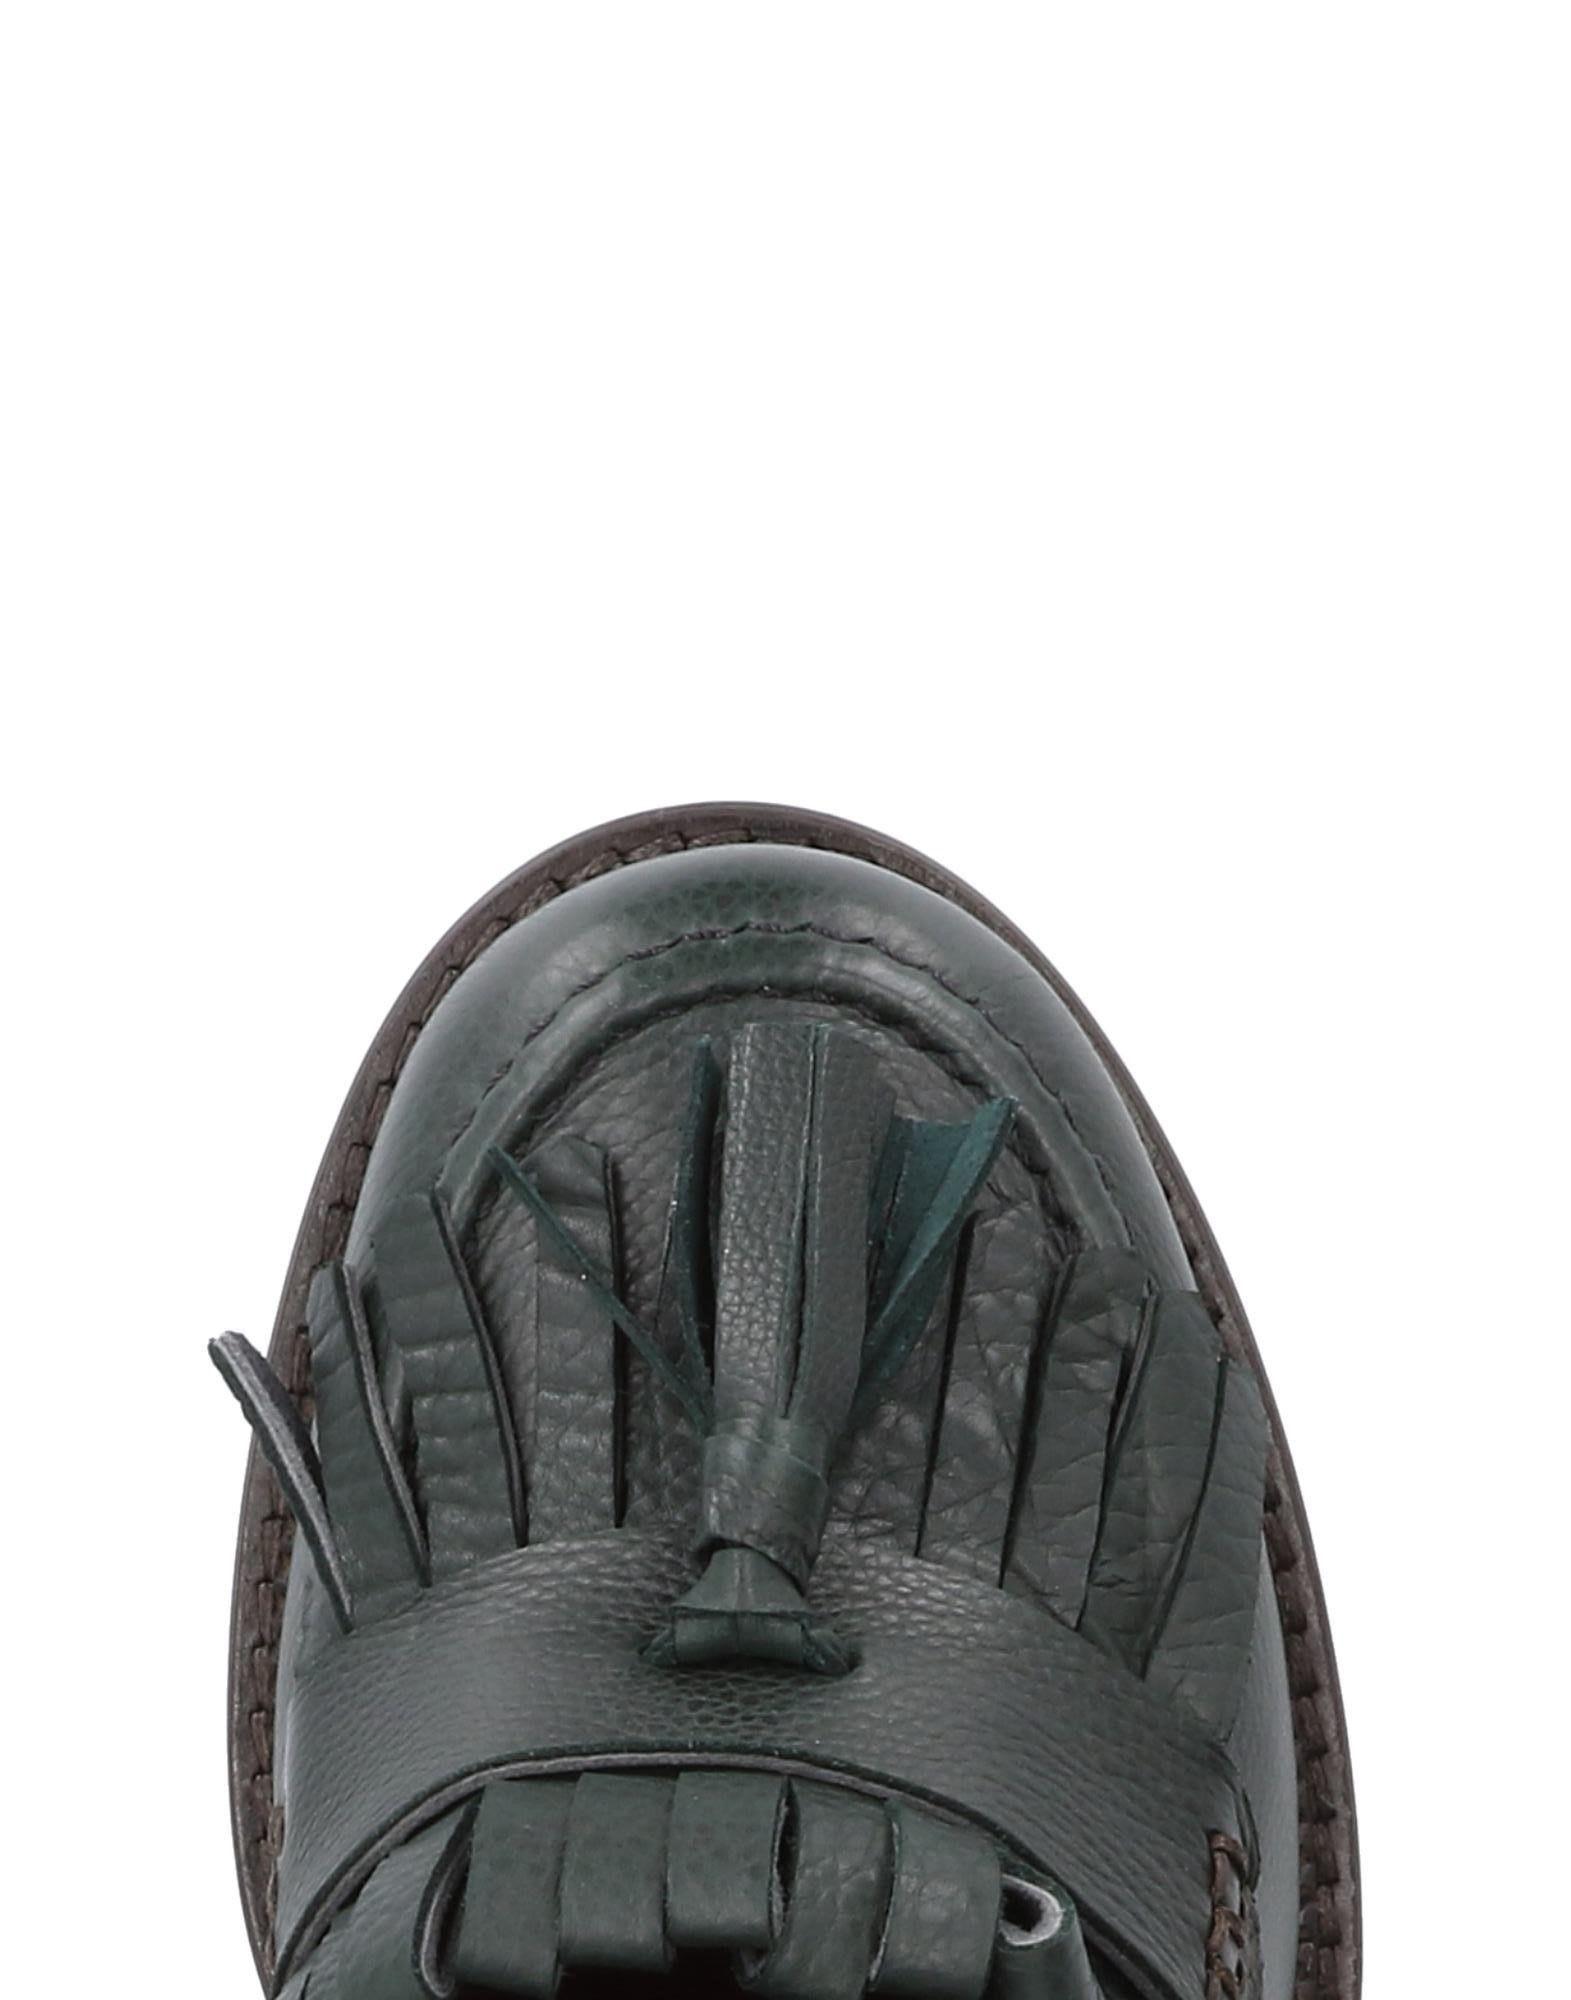 Tangerine Mokassins Qualität Damen  11473167MM Gute Qualität Mokassins beliebte Schuhe 9f776a